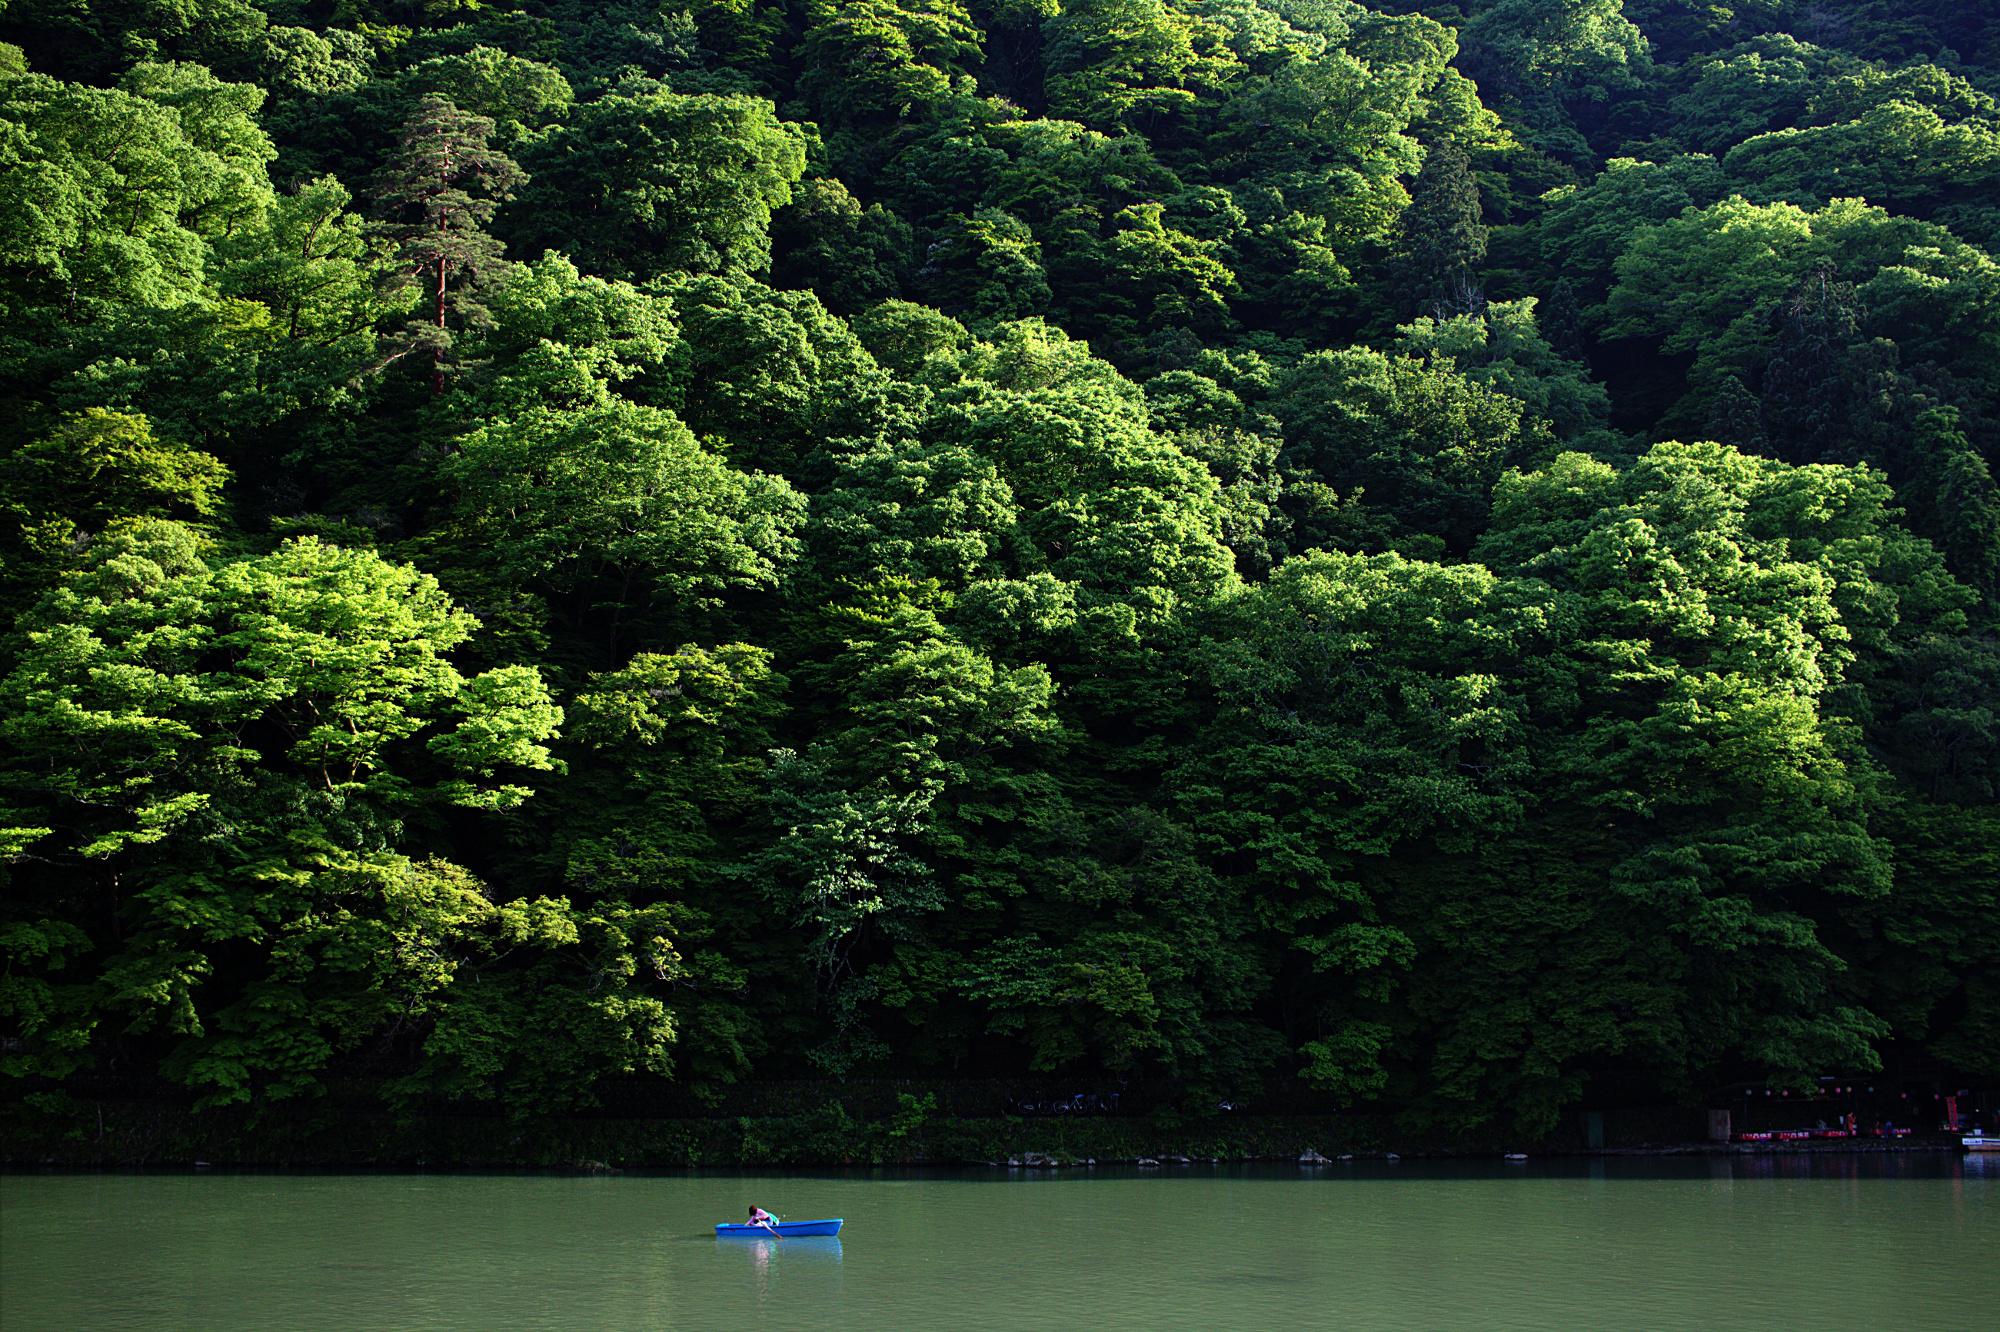 Loners, Katsura River bank, Kyoto. May, 2016